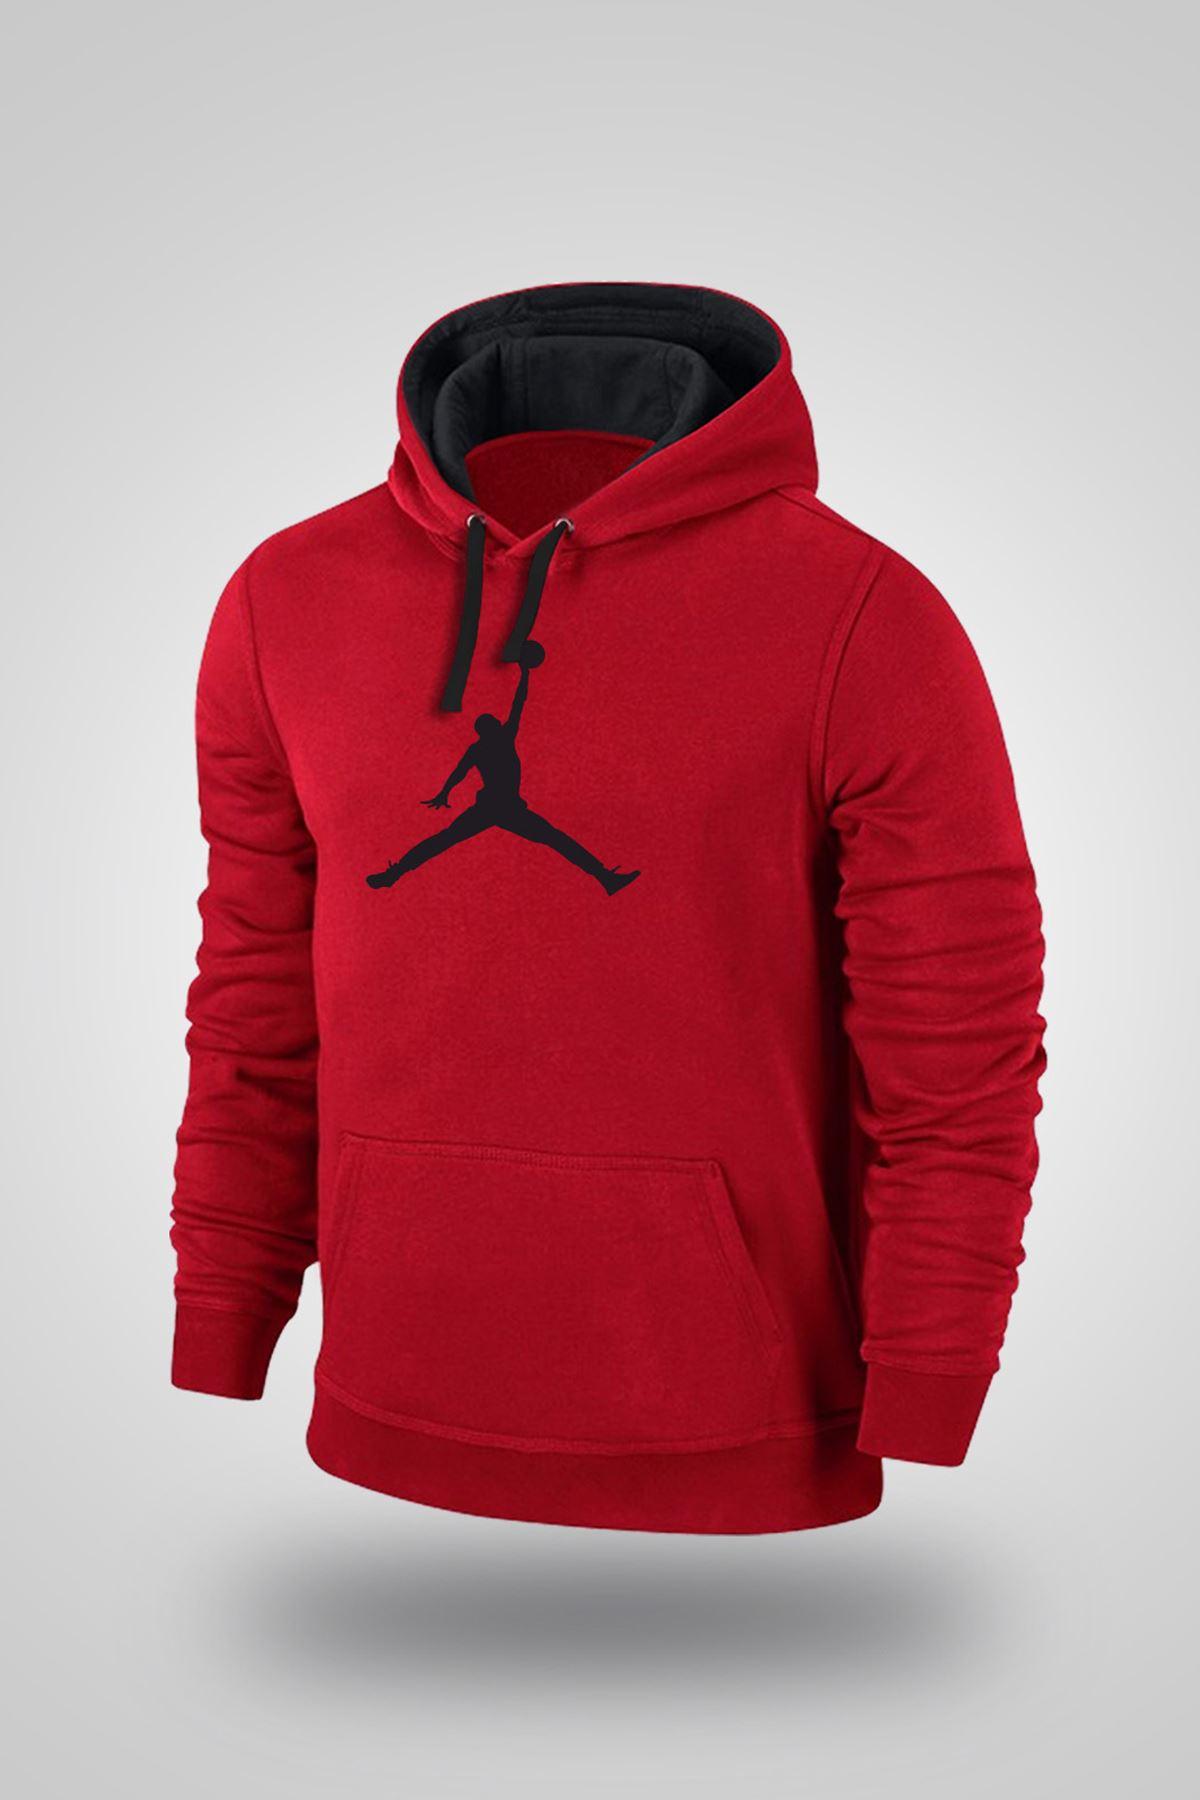 Air Jordan 02 Kırmızı NBA Erkek Kapşonlu Sweatshirt - Hoodie